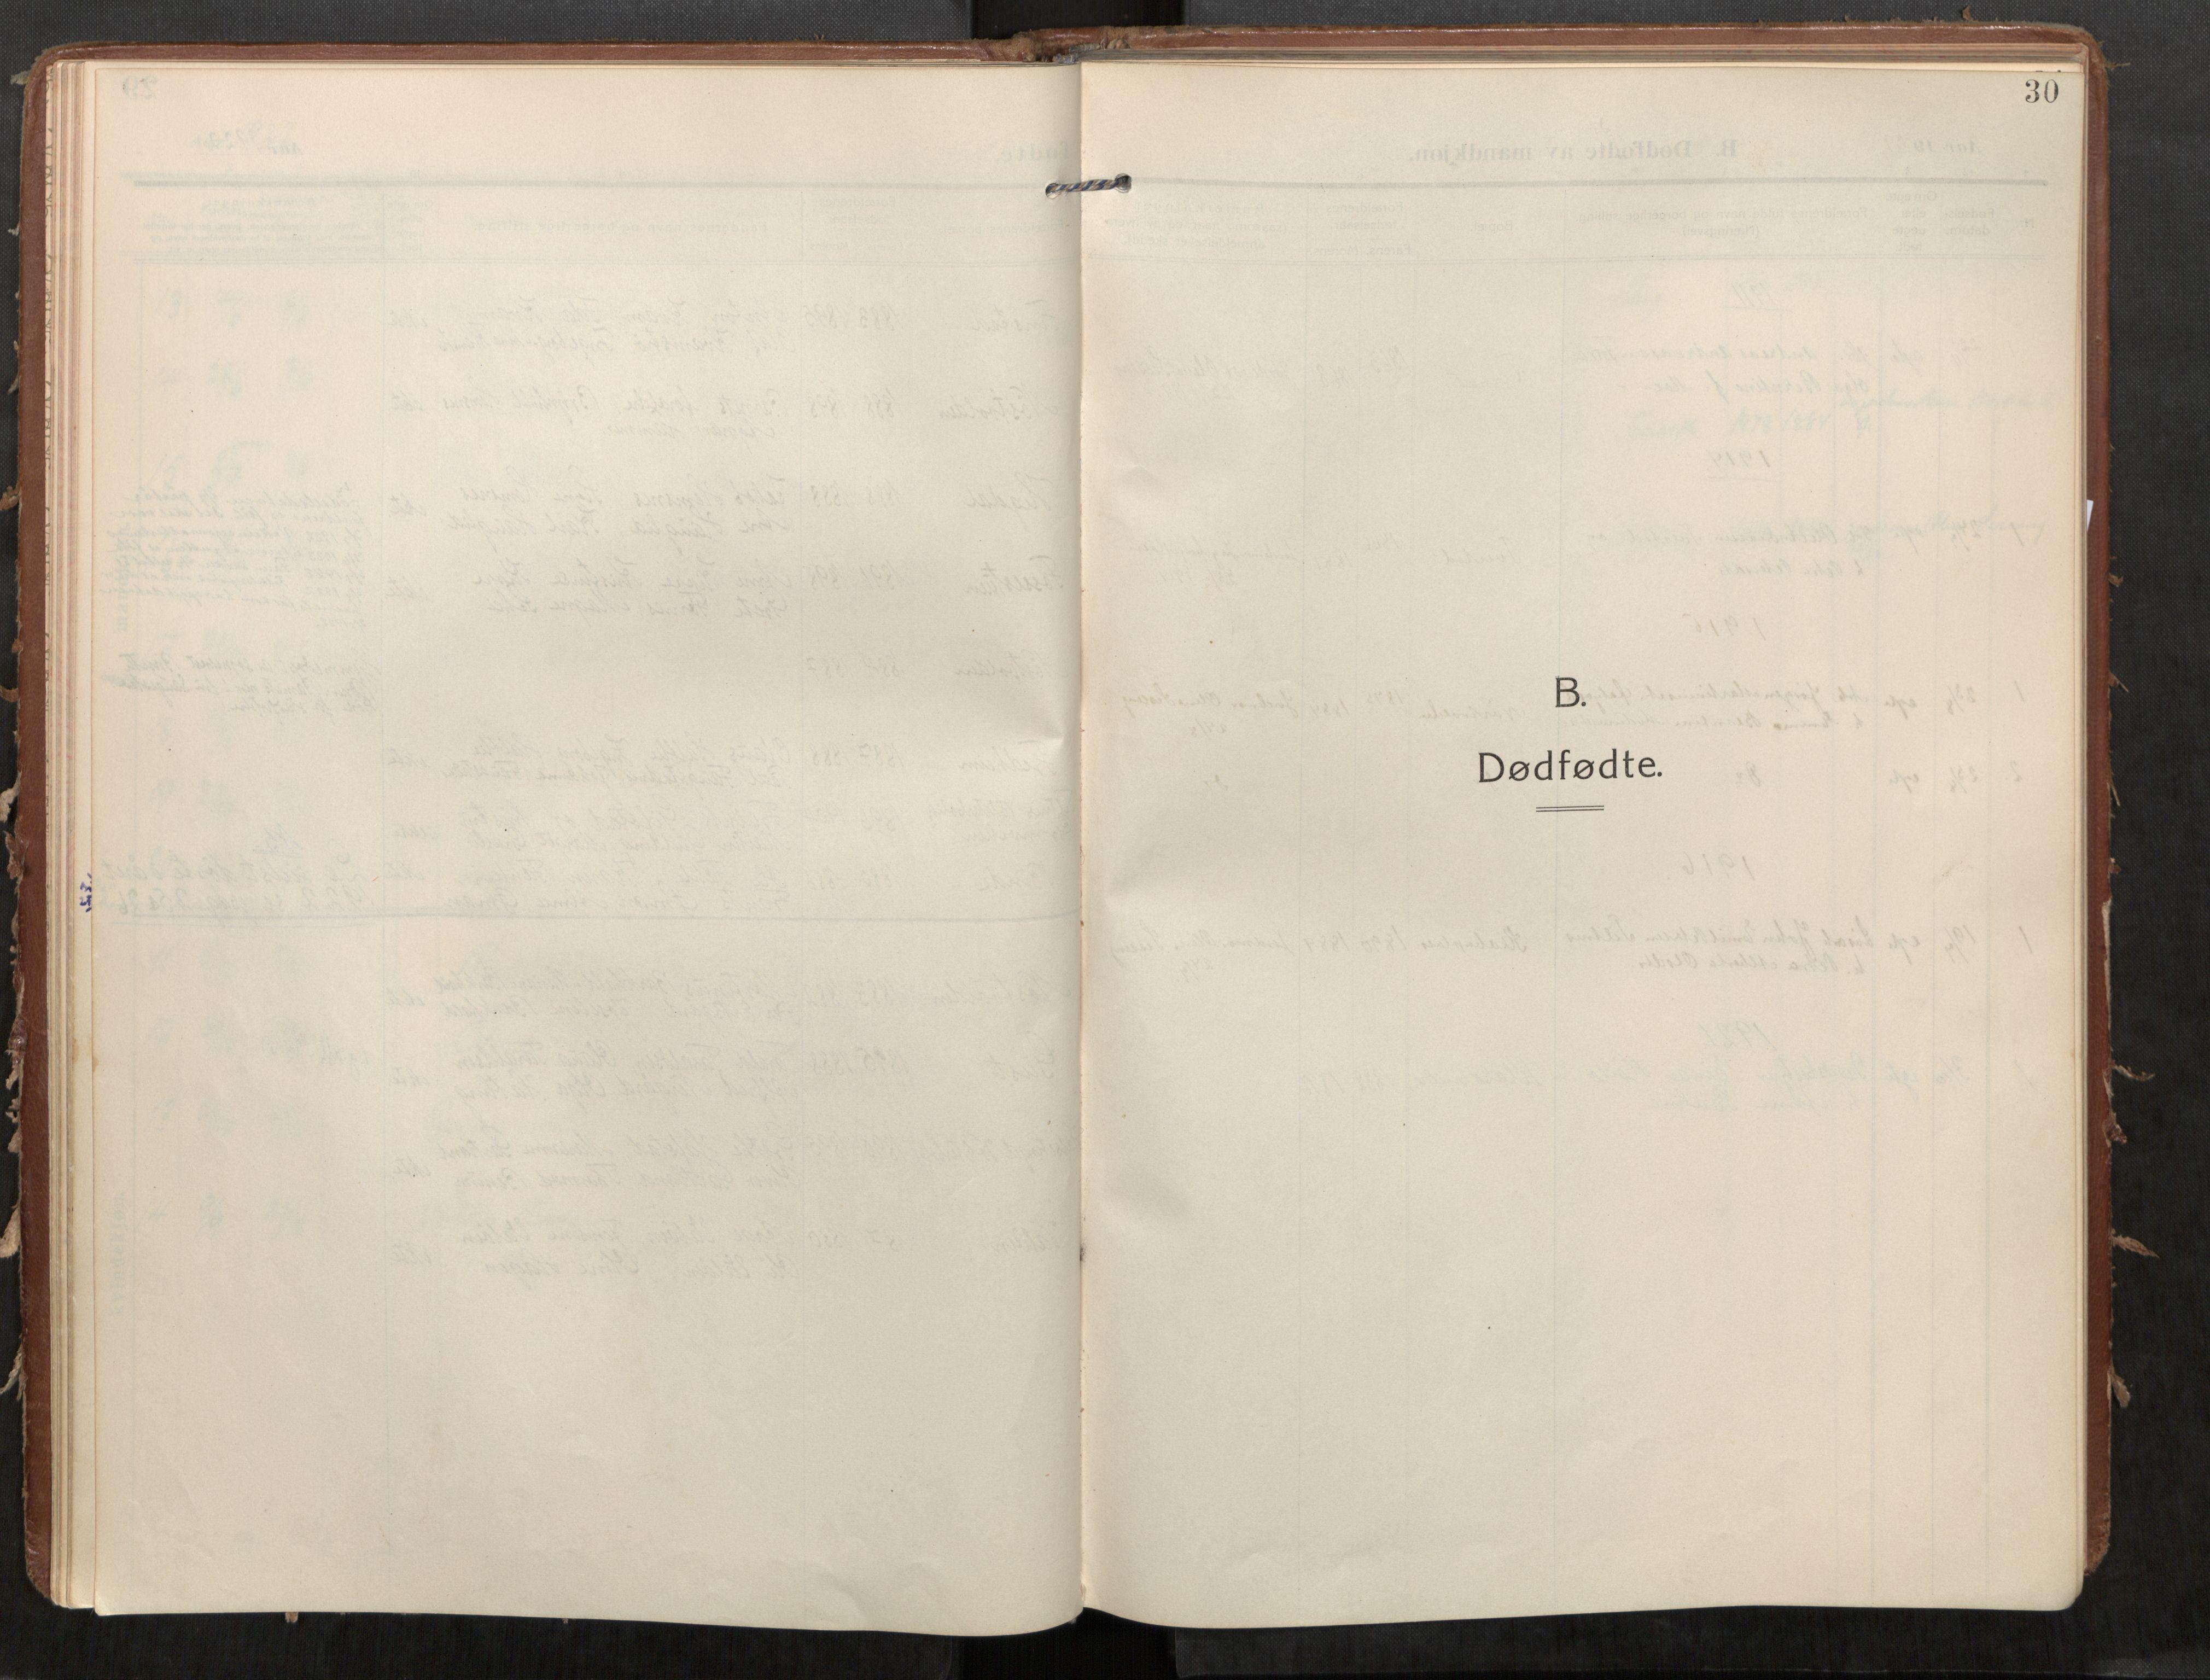 SAT, Stod sokneprestkontor, I/I1/I1a/L0002: Parish register (official) no. 2, 1909-1922, p. 30